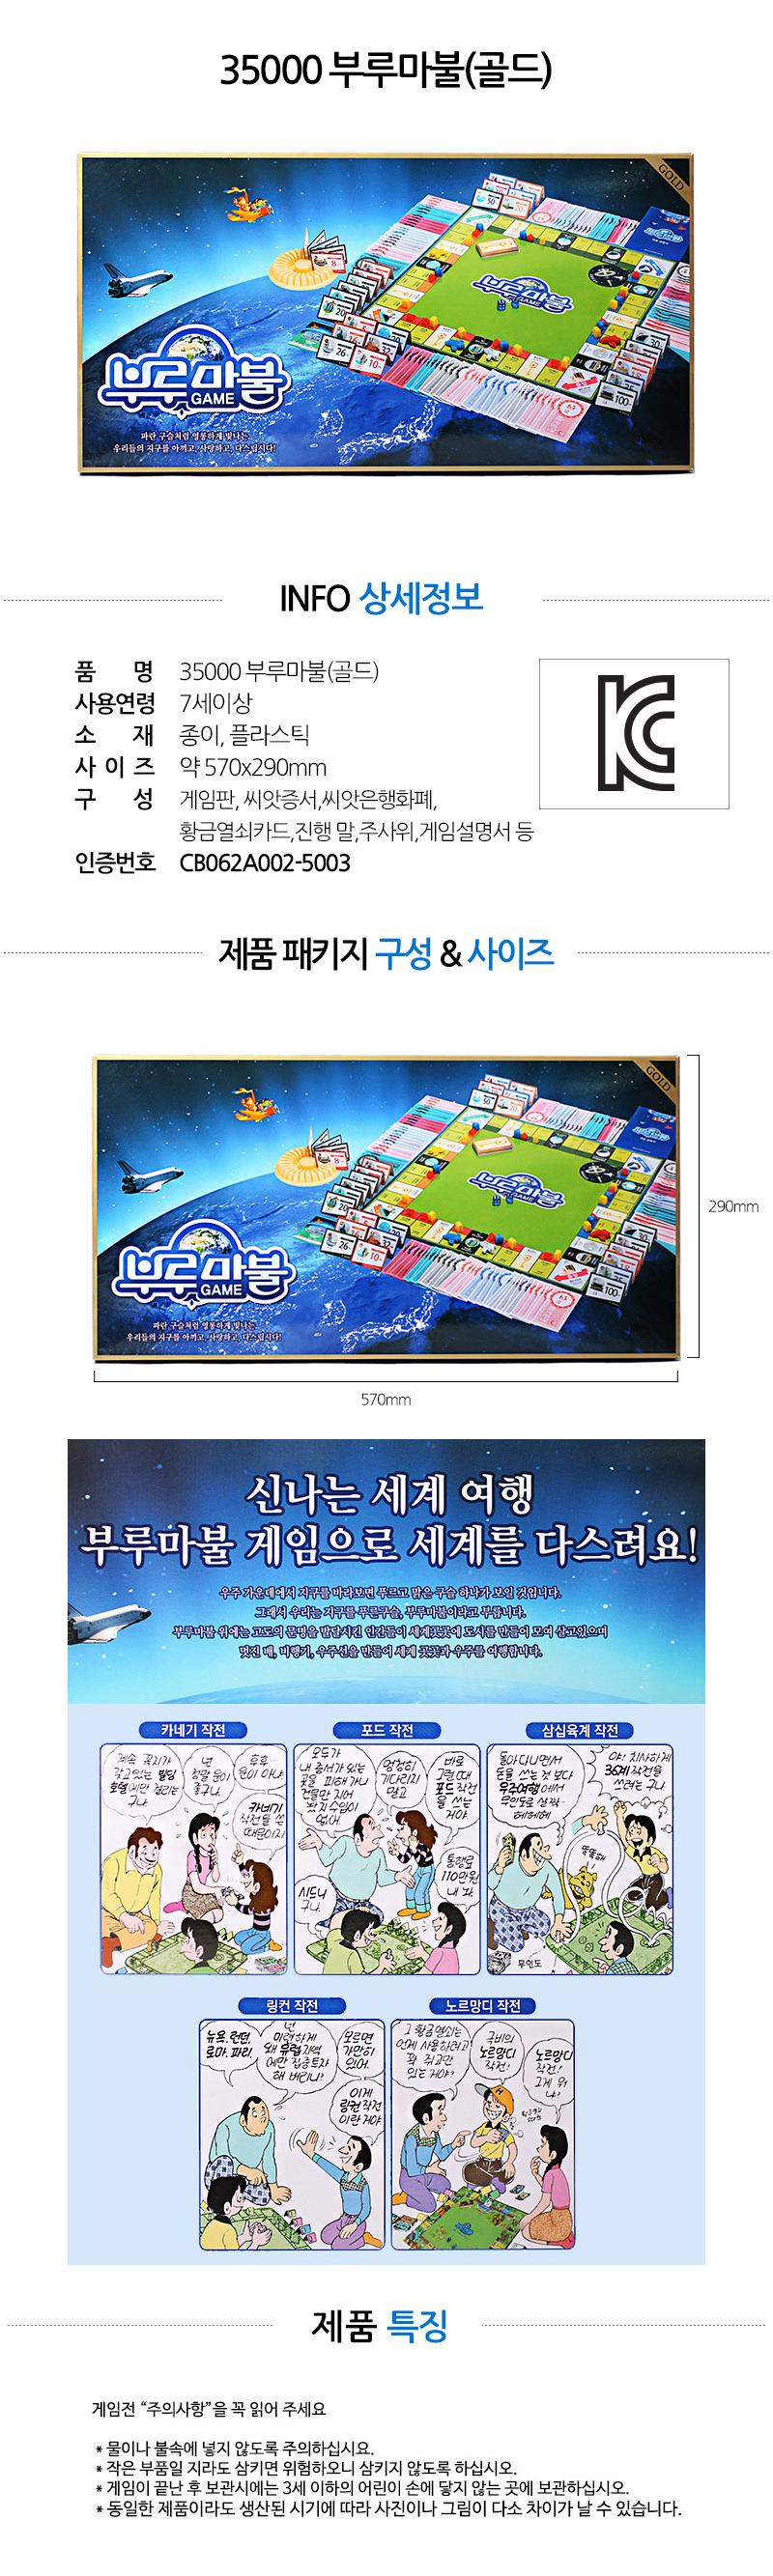 35000부루마불(골드) - 킹콩박스, 35,000원, 보드게임, 전략/전쟁 게임